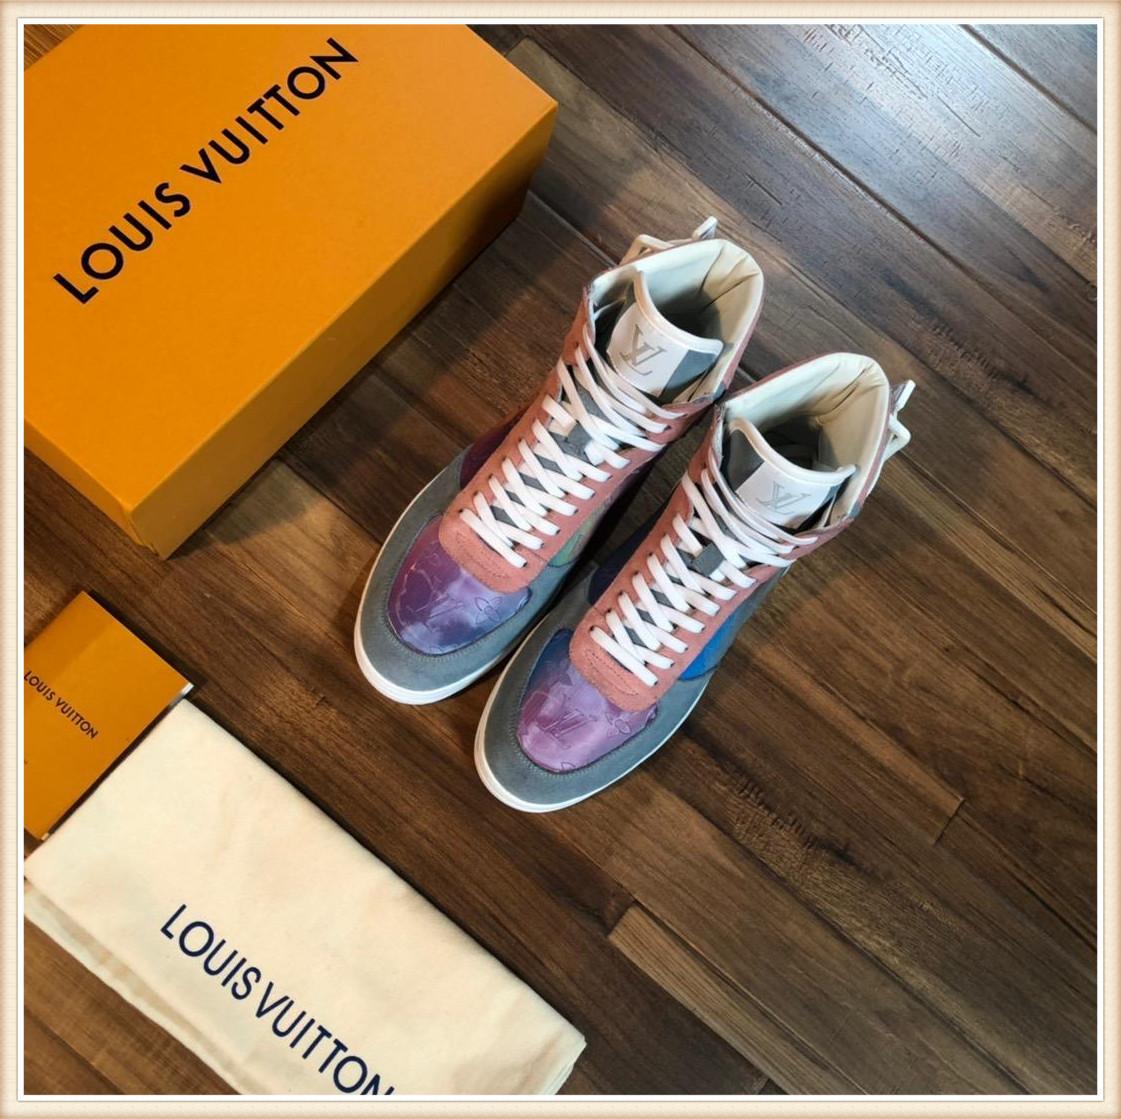 Hohe Qualität Run Away Sneaker Herrenschuhe Verkaufs-Tropfen-Schiffs-Herbst und Winter Lace-up Mode Fußbekleidungen beiläufige Schuh Manner Schuhe